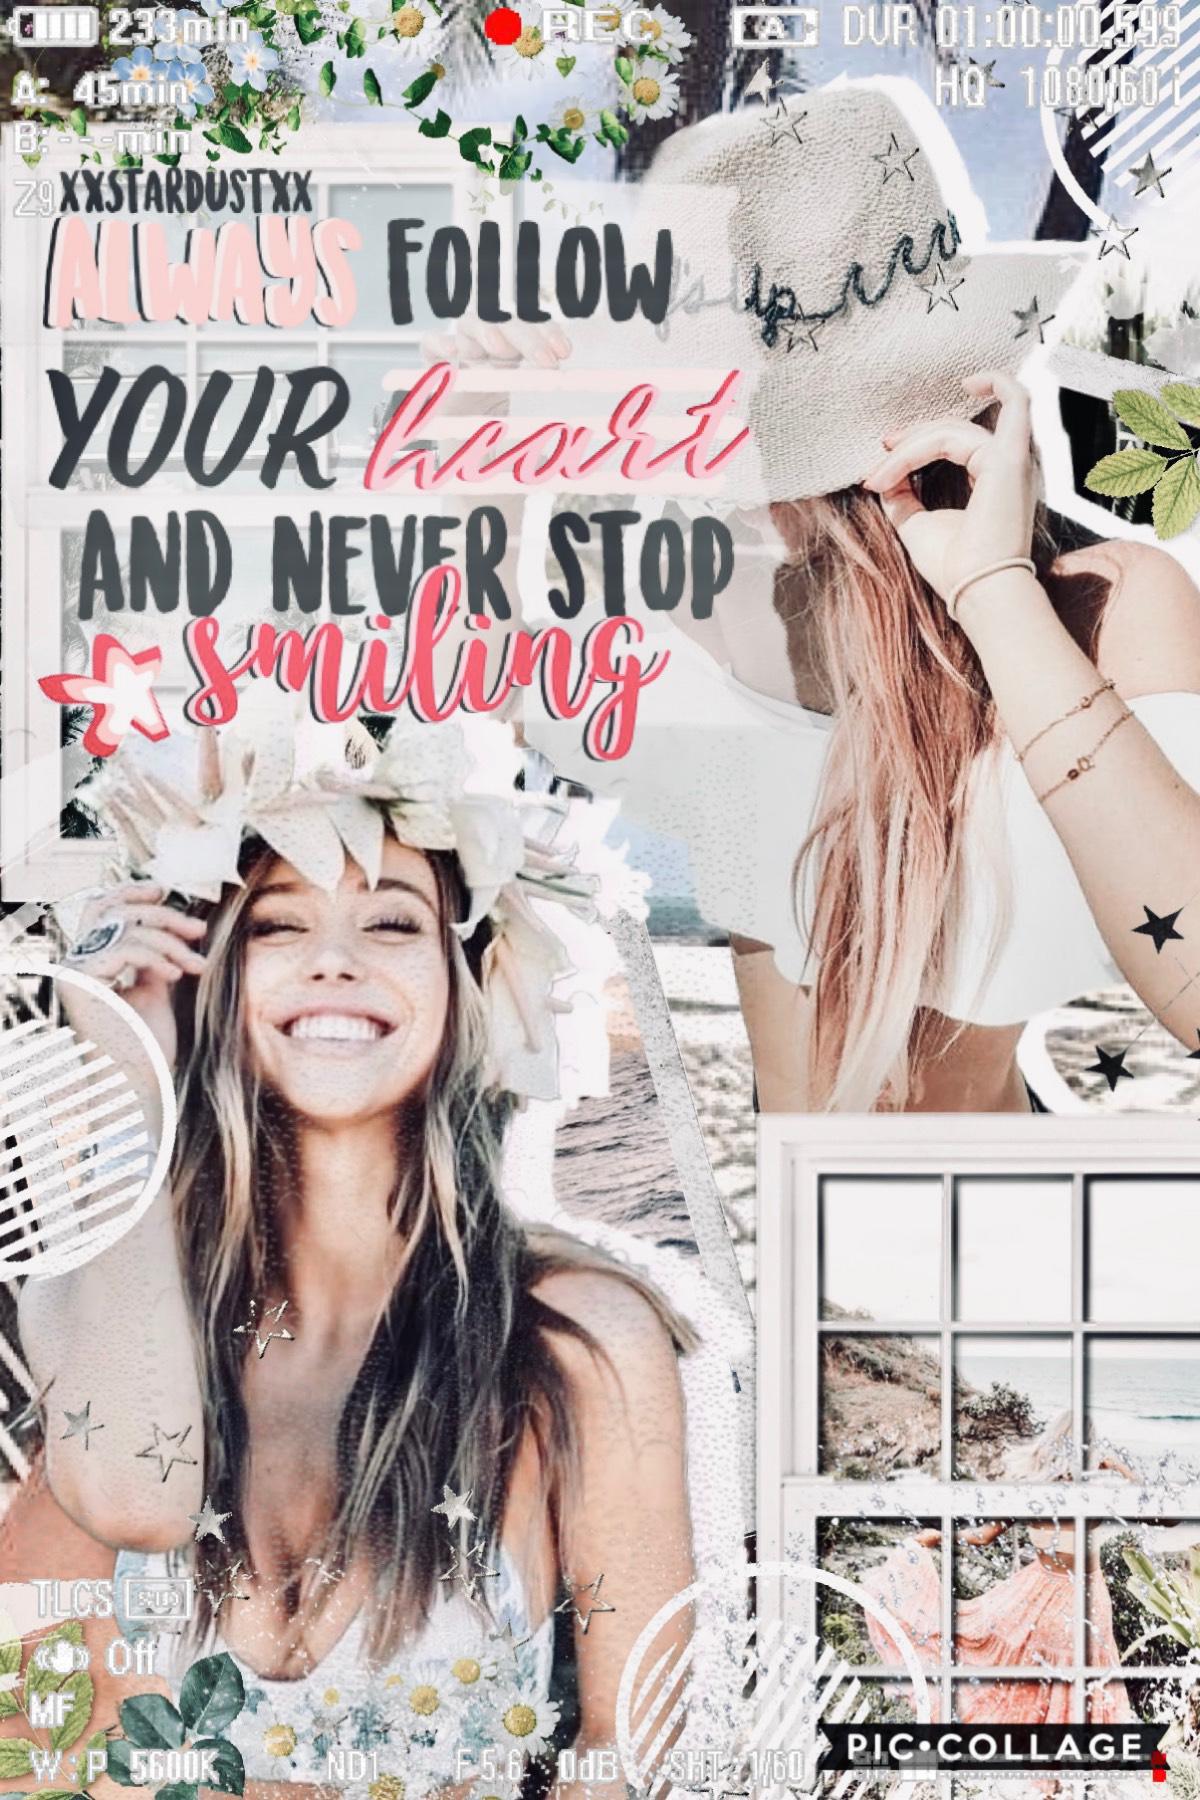 Collage by xXStarDustXx